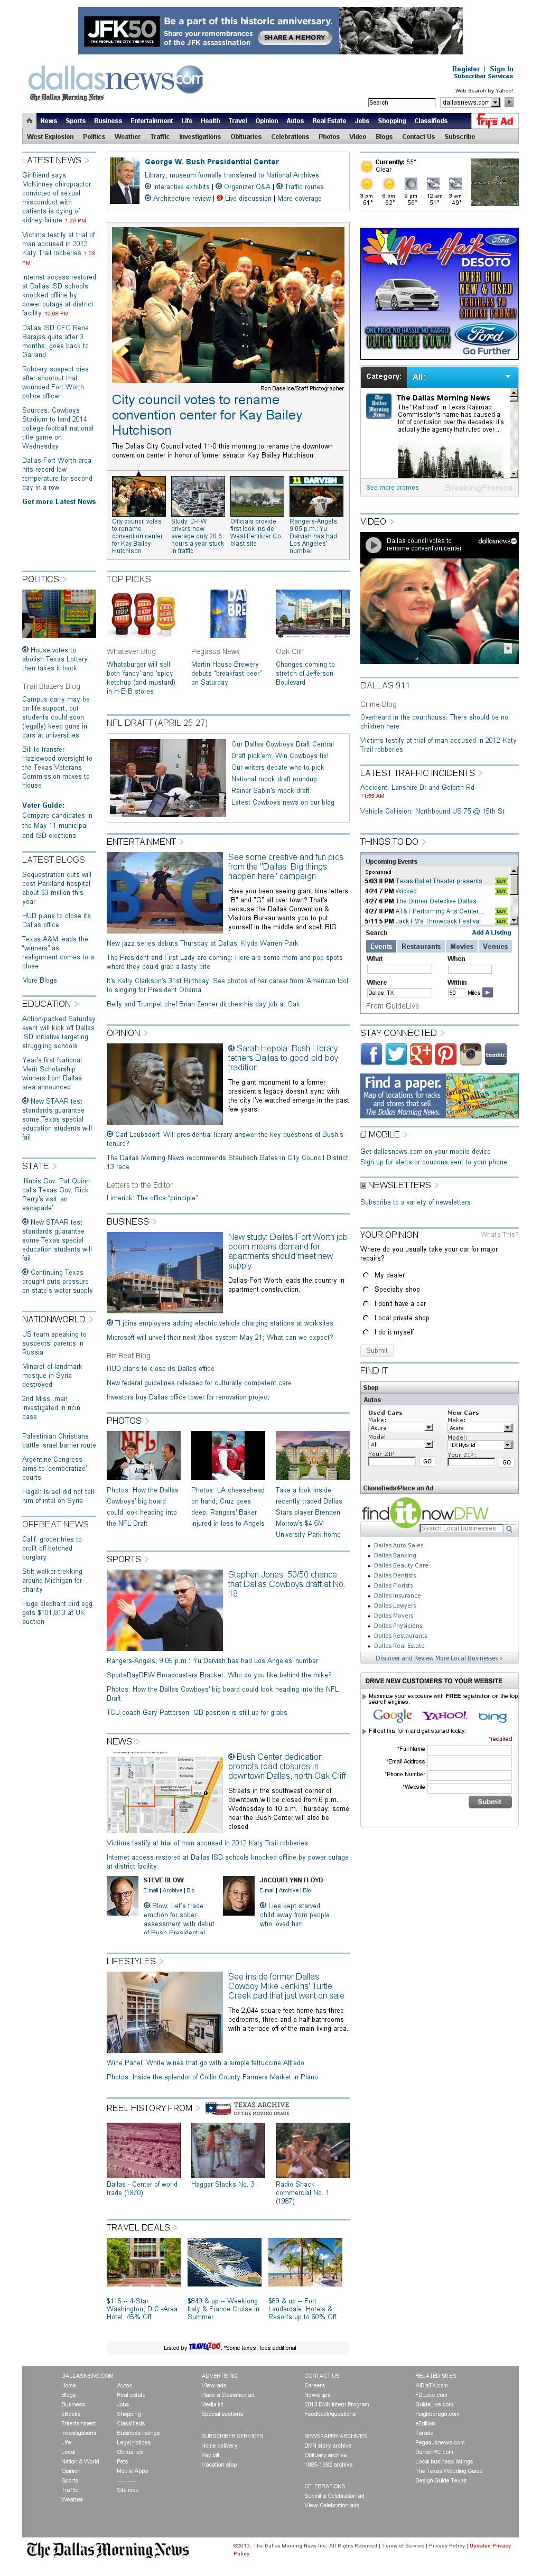 dallasnews.com at Wednesday April 24, 2013, 7:04 p.m. UTC